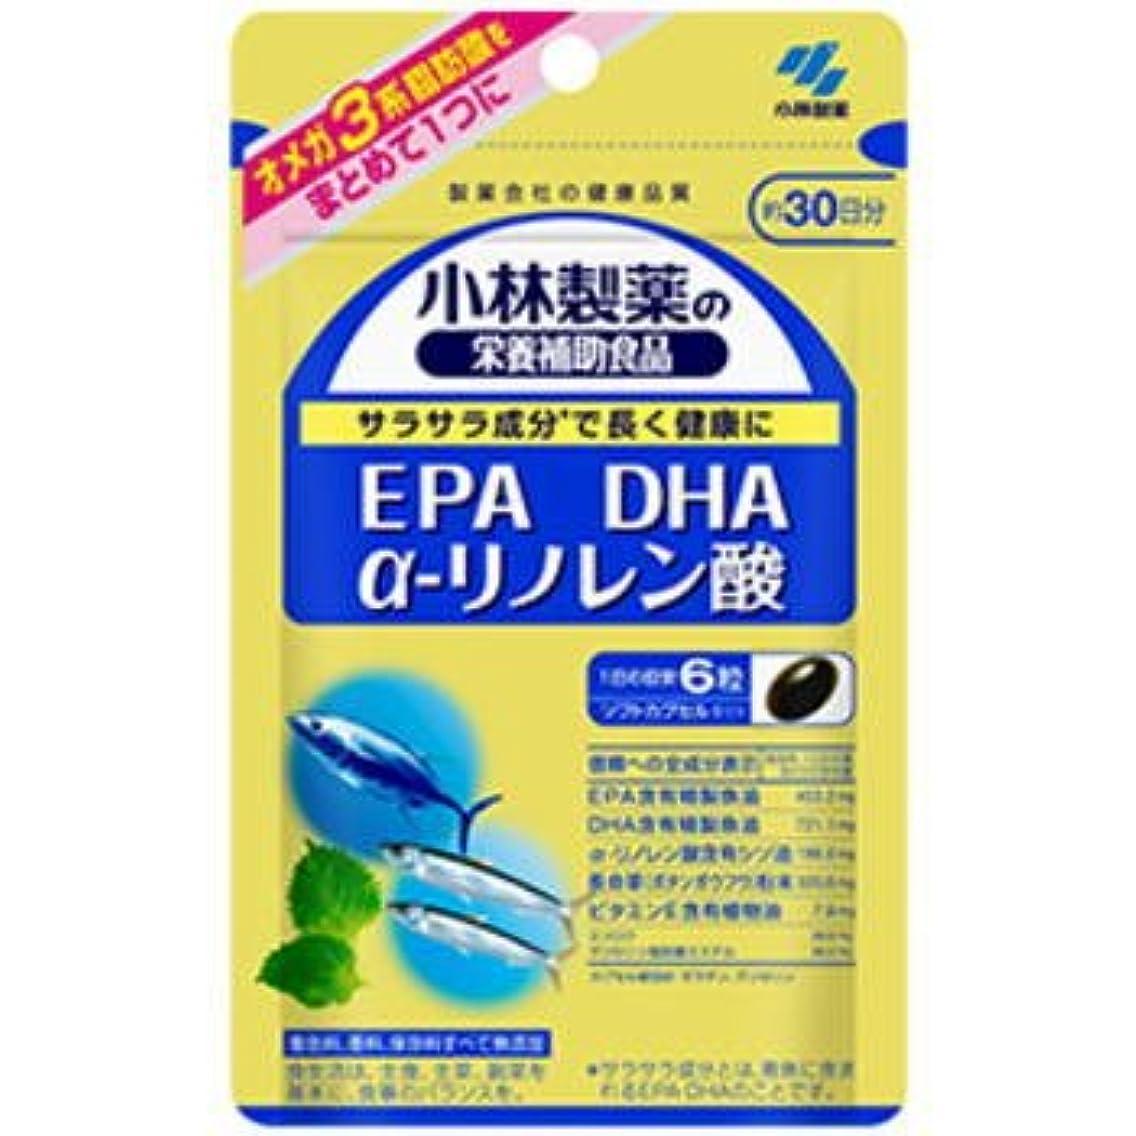 出発するカプラー苦痛小林製薬 EPA DHA α-リノレン酸 180粒【ネコポス発送】